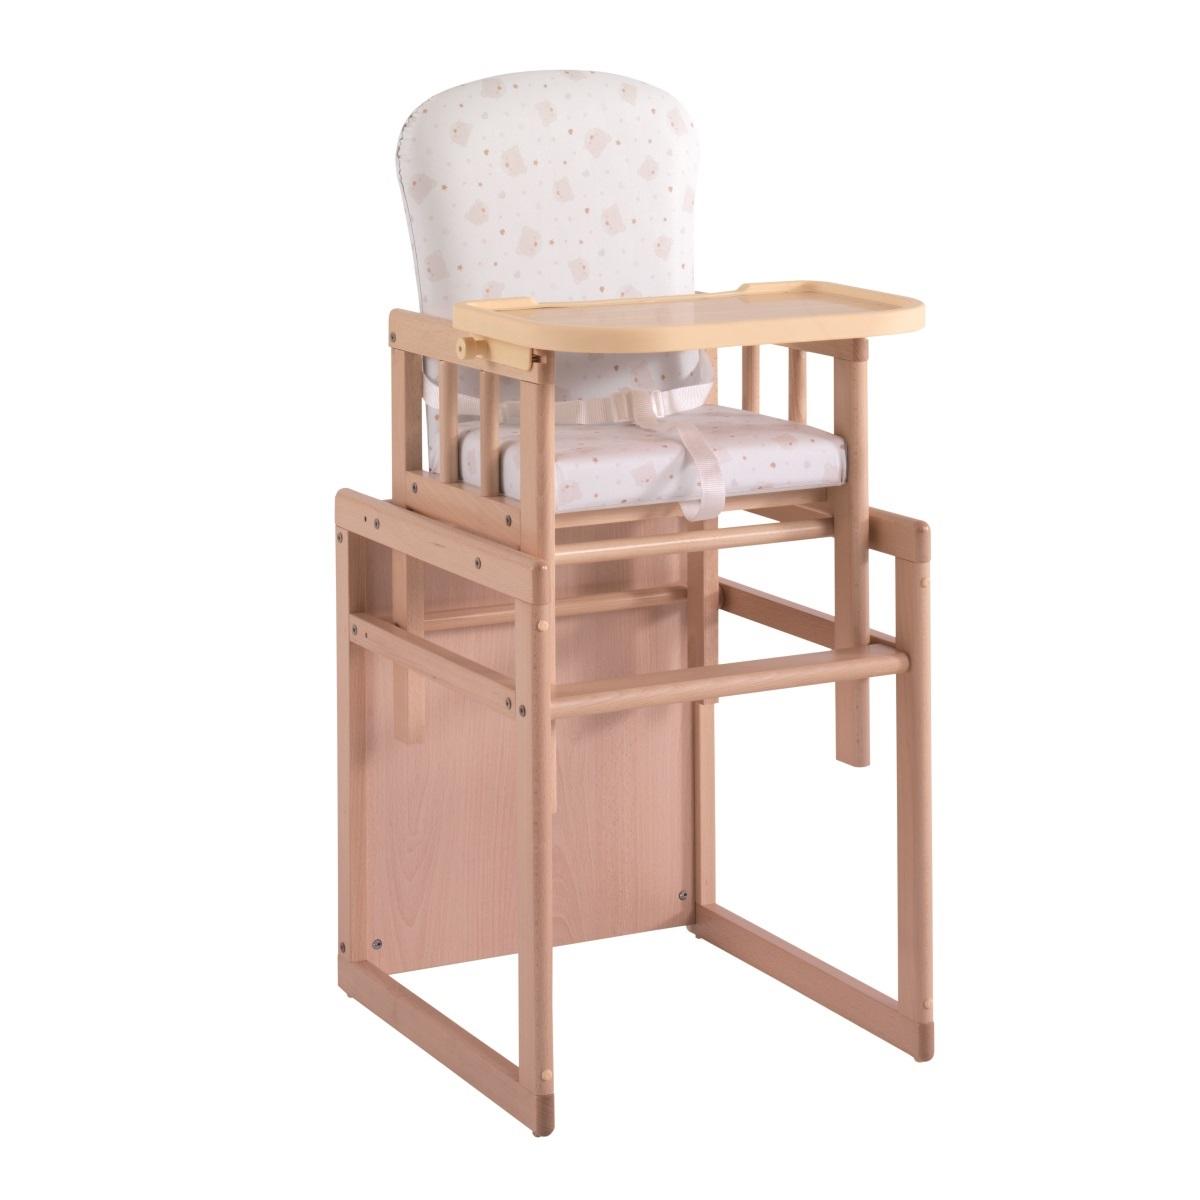 Cadeira de refeição evolutiva Micuna T-950 Plus High Chair